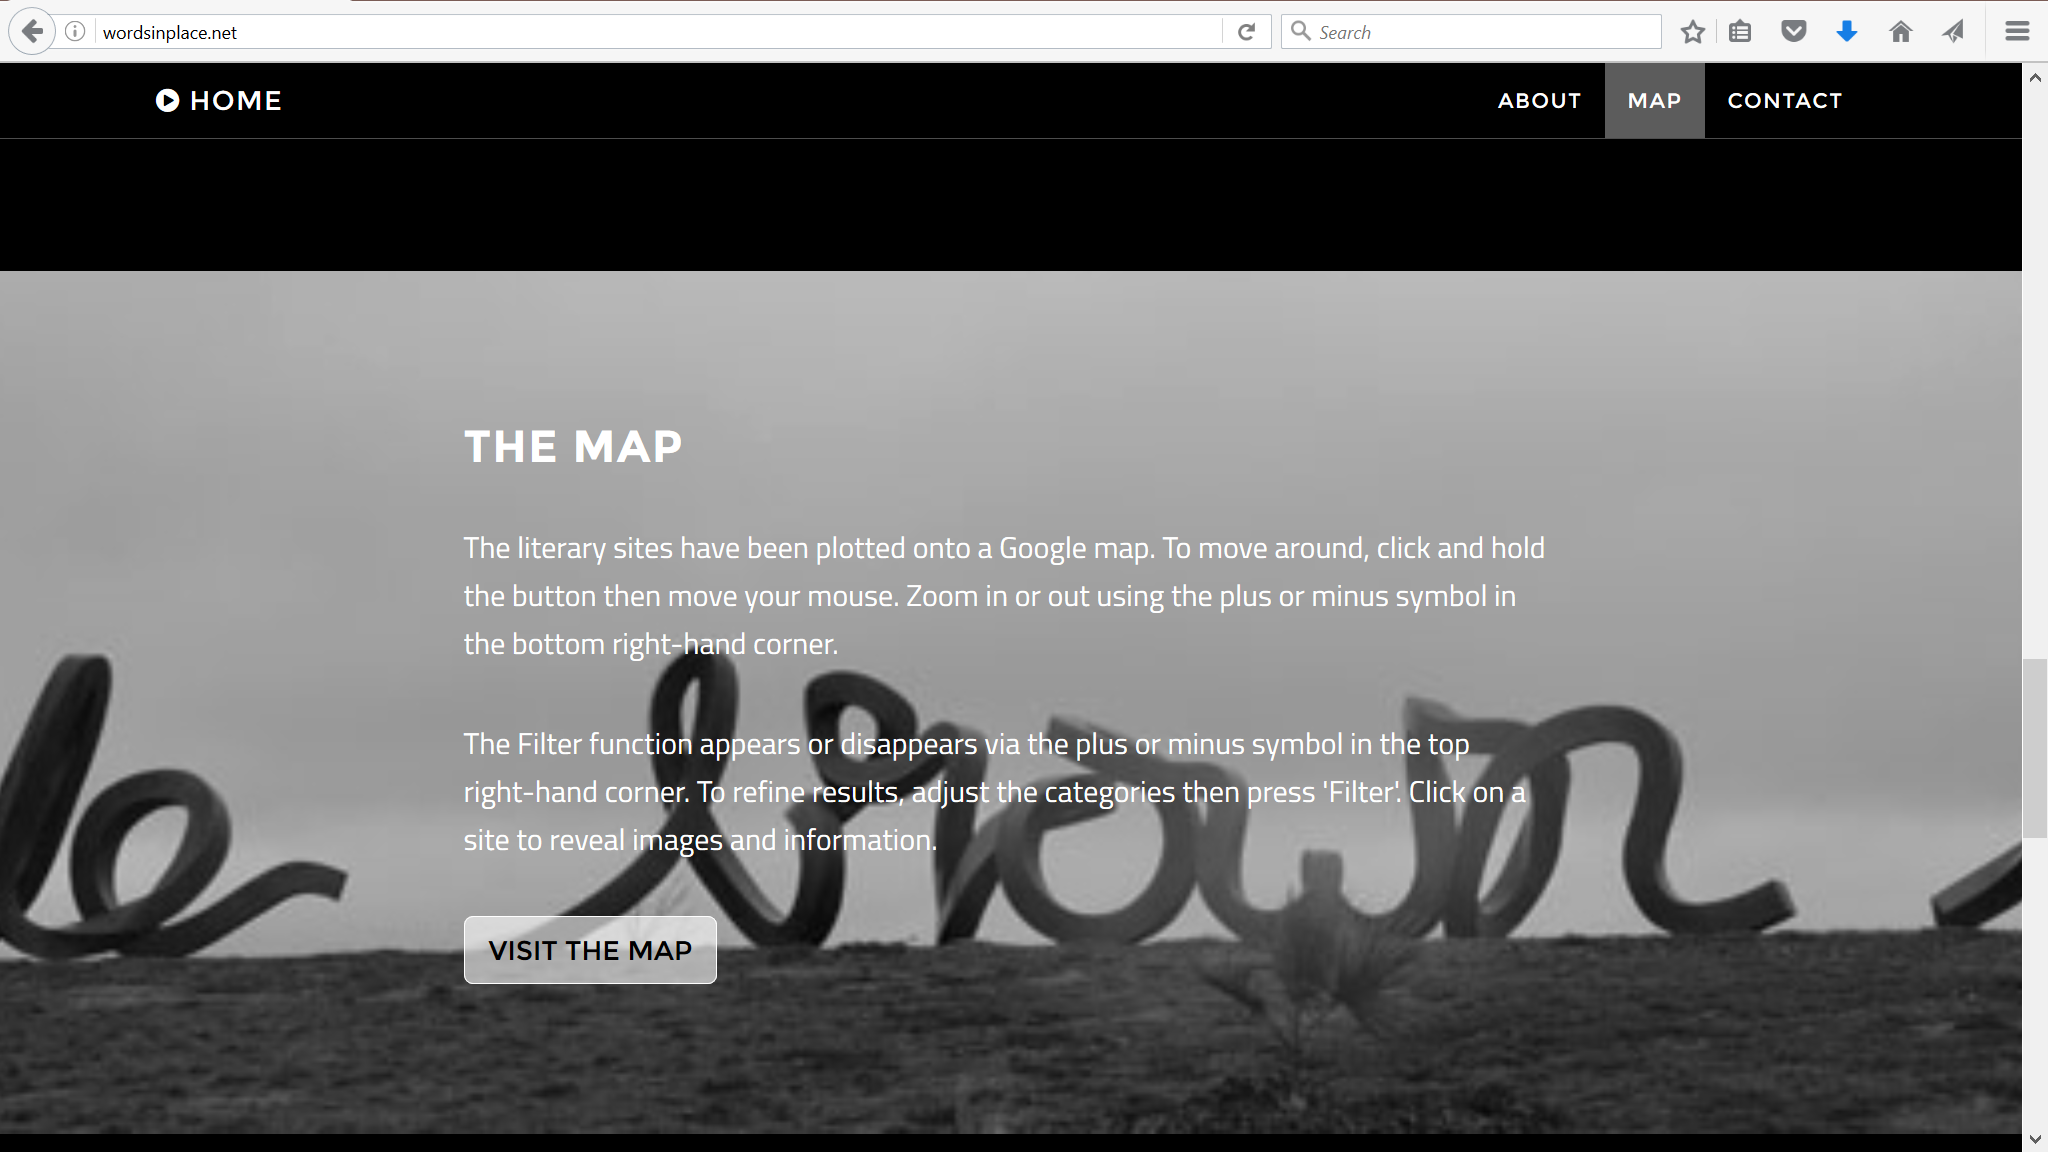 Движок литературного сайта как освежить базу для xrumer 2014